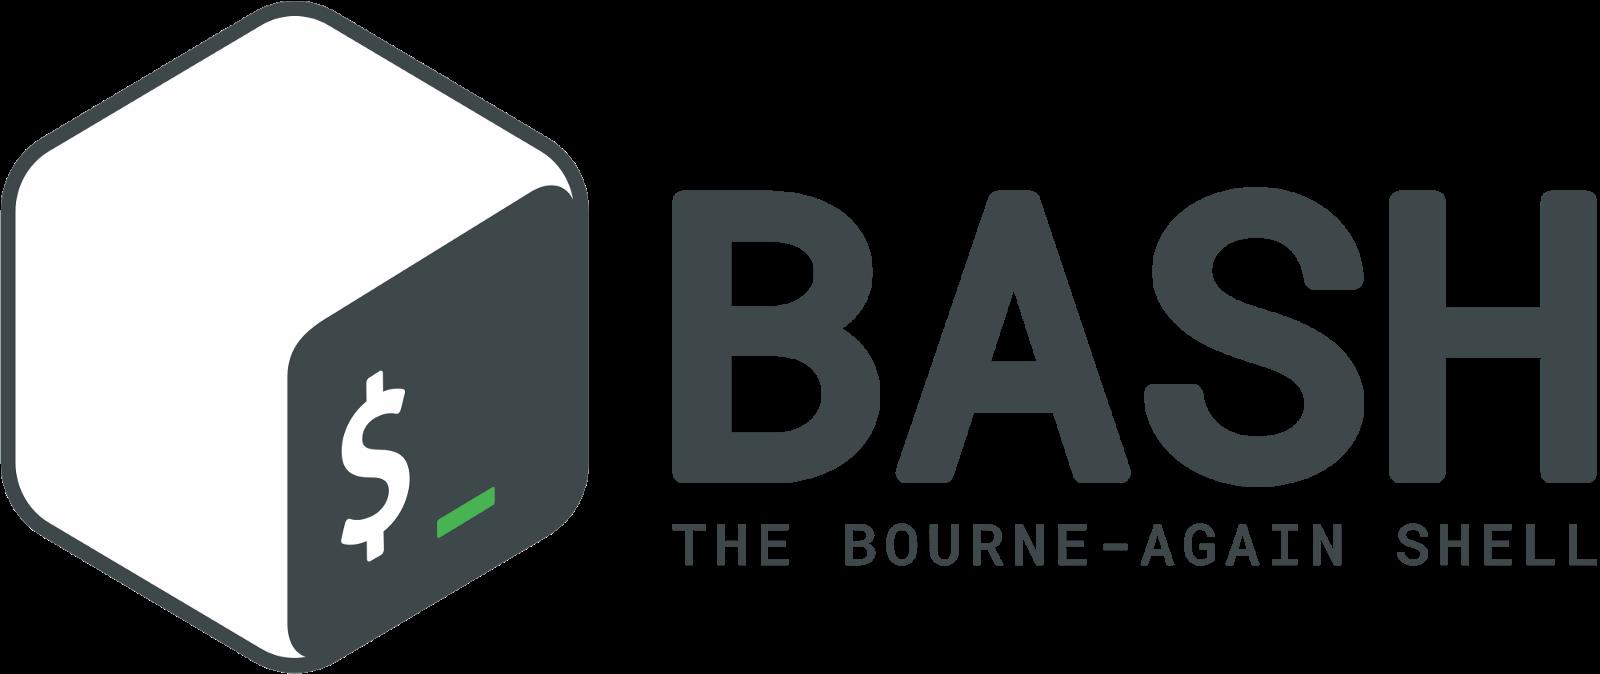 Her Linux kullanıcısı için Faydalı BASH komutları